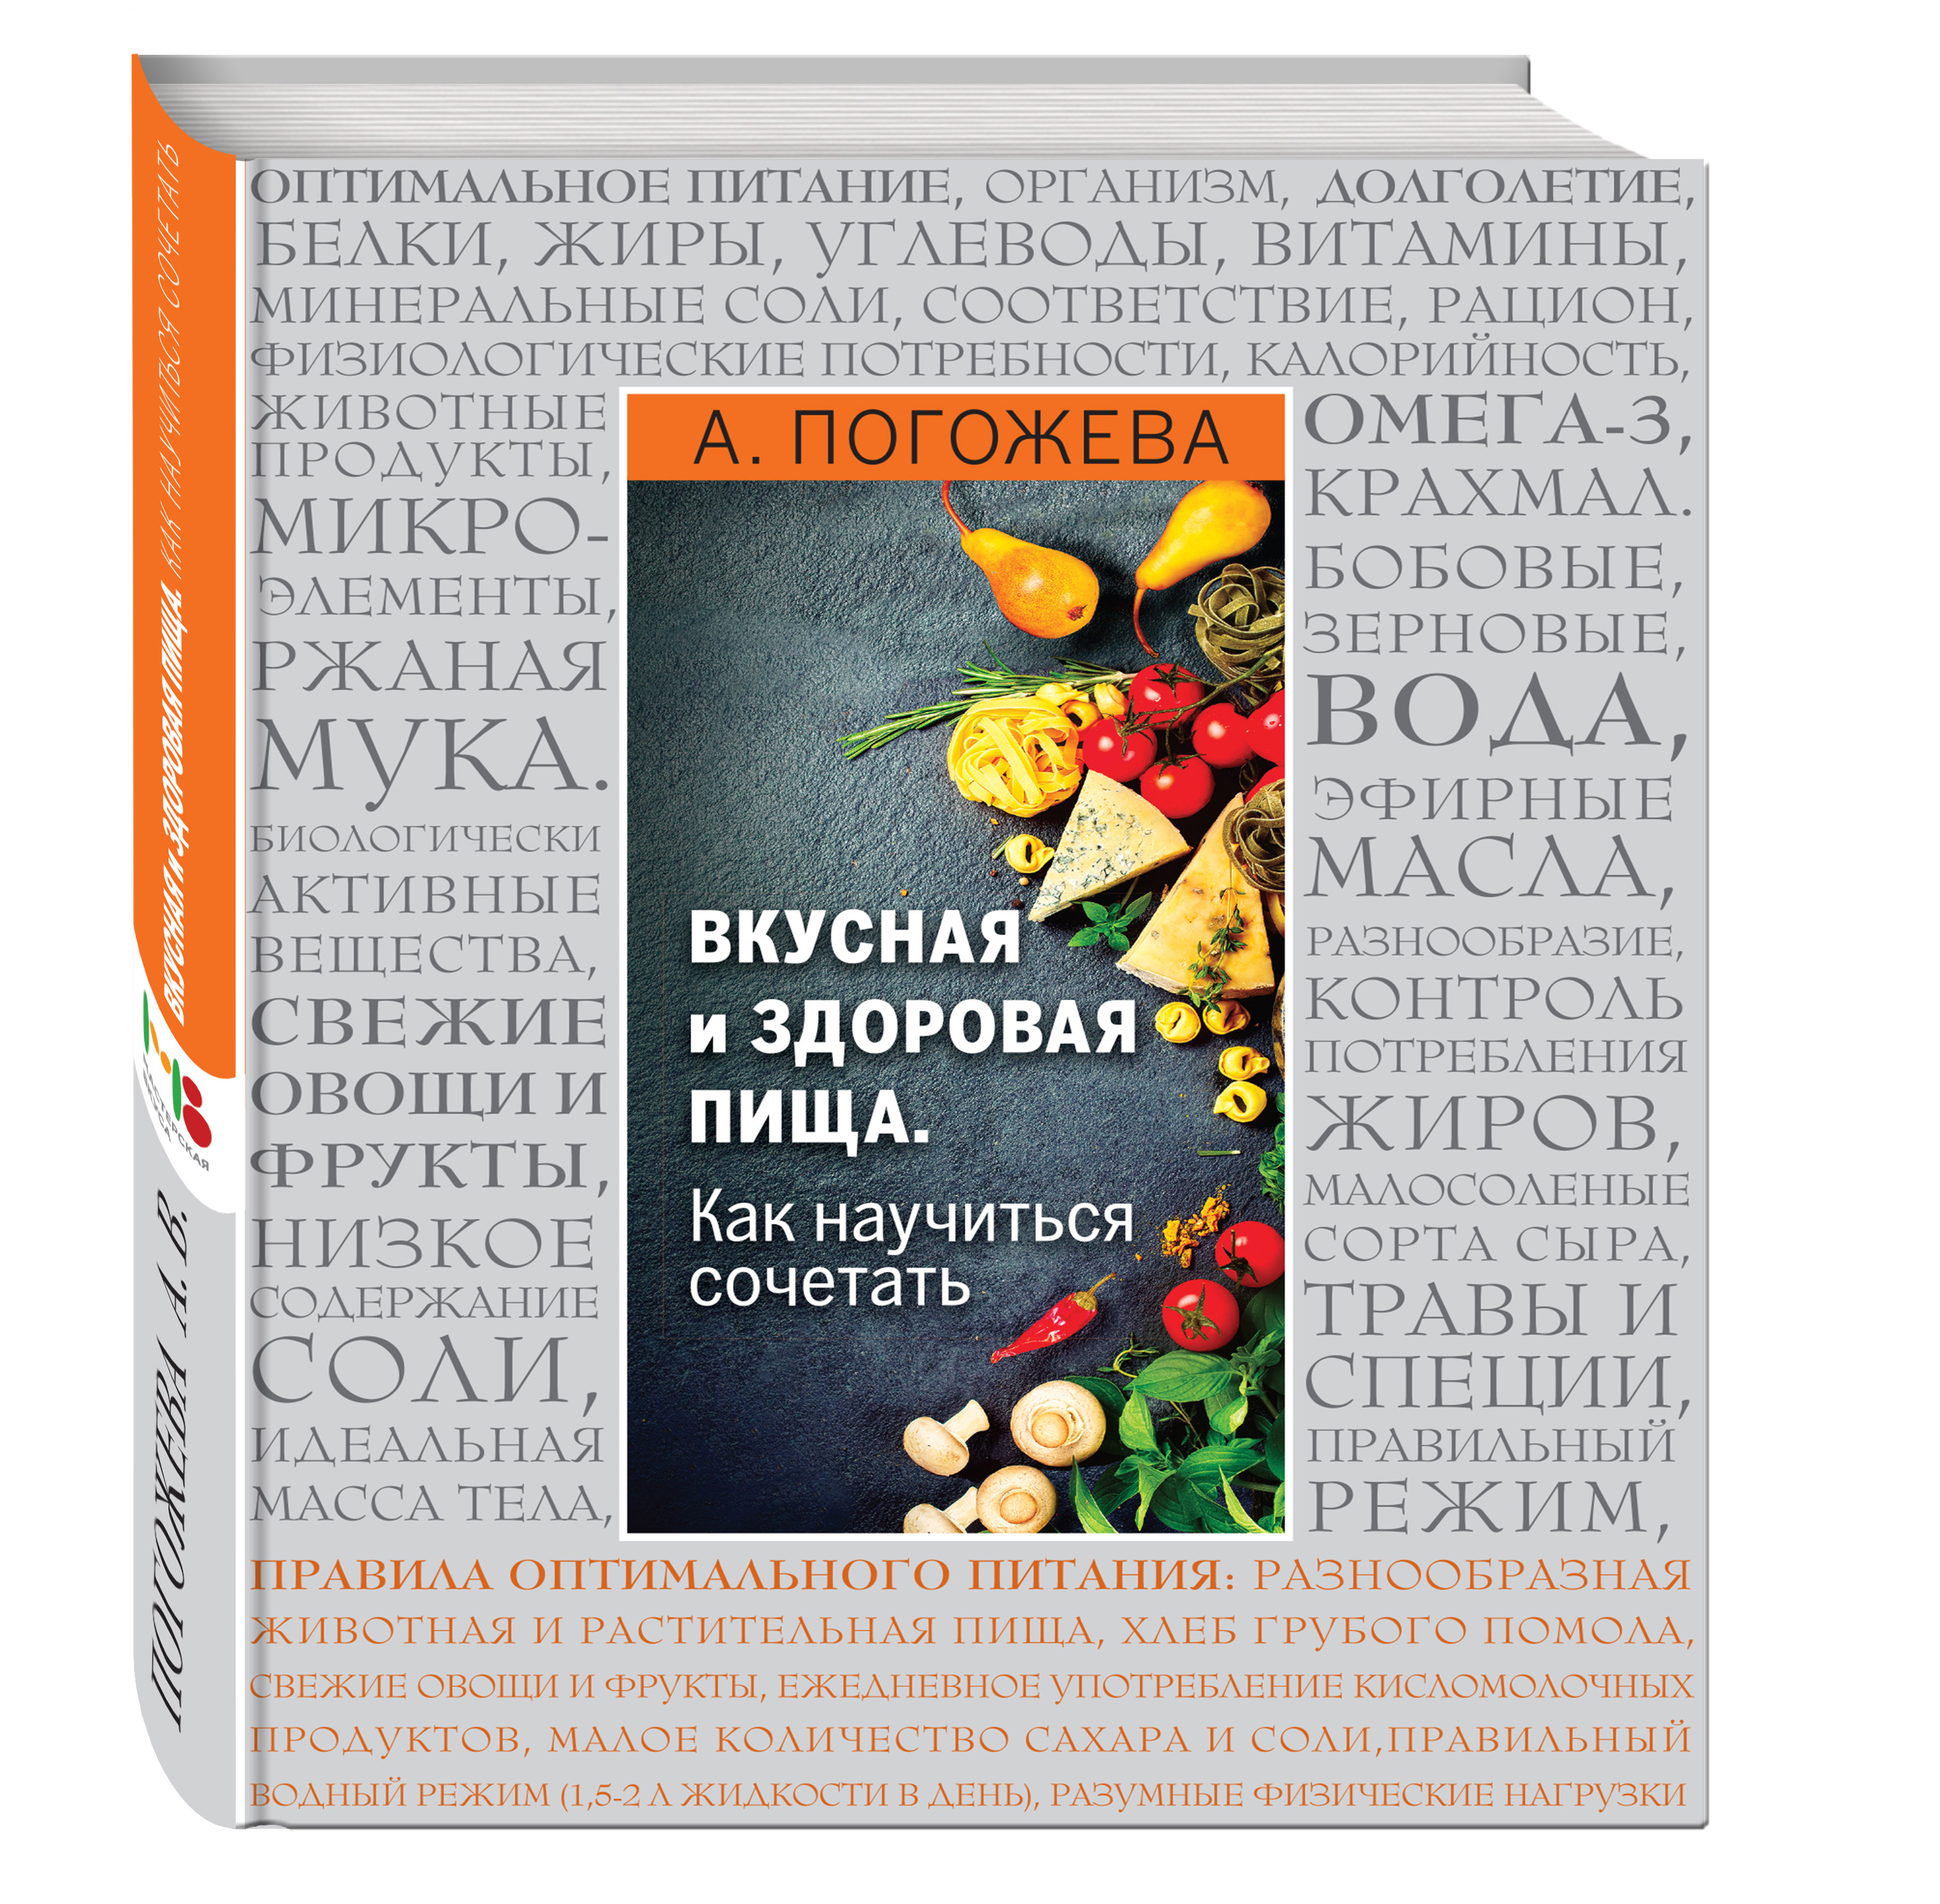 Алла Погожева Вкусная и здоровая пища. Как научиться сочетать? алла погожева основы вкусной и здоровой пищи как научиться сочетать продукты правильно isbn 978 5 699 94499 6